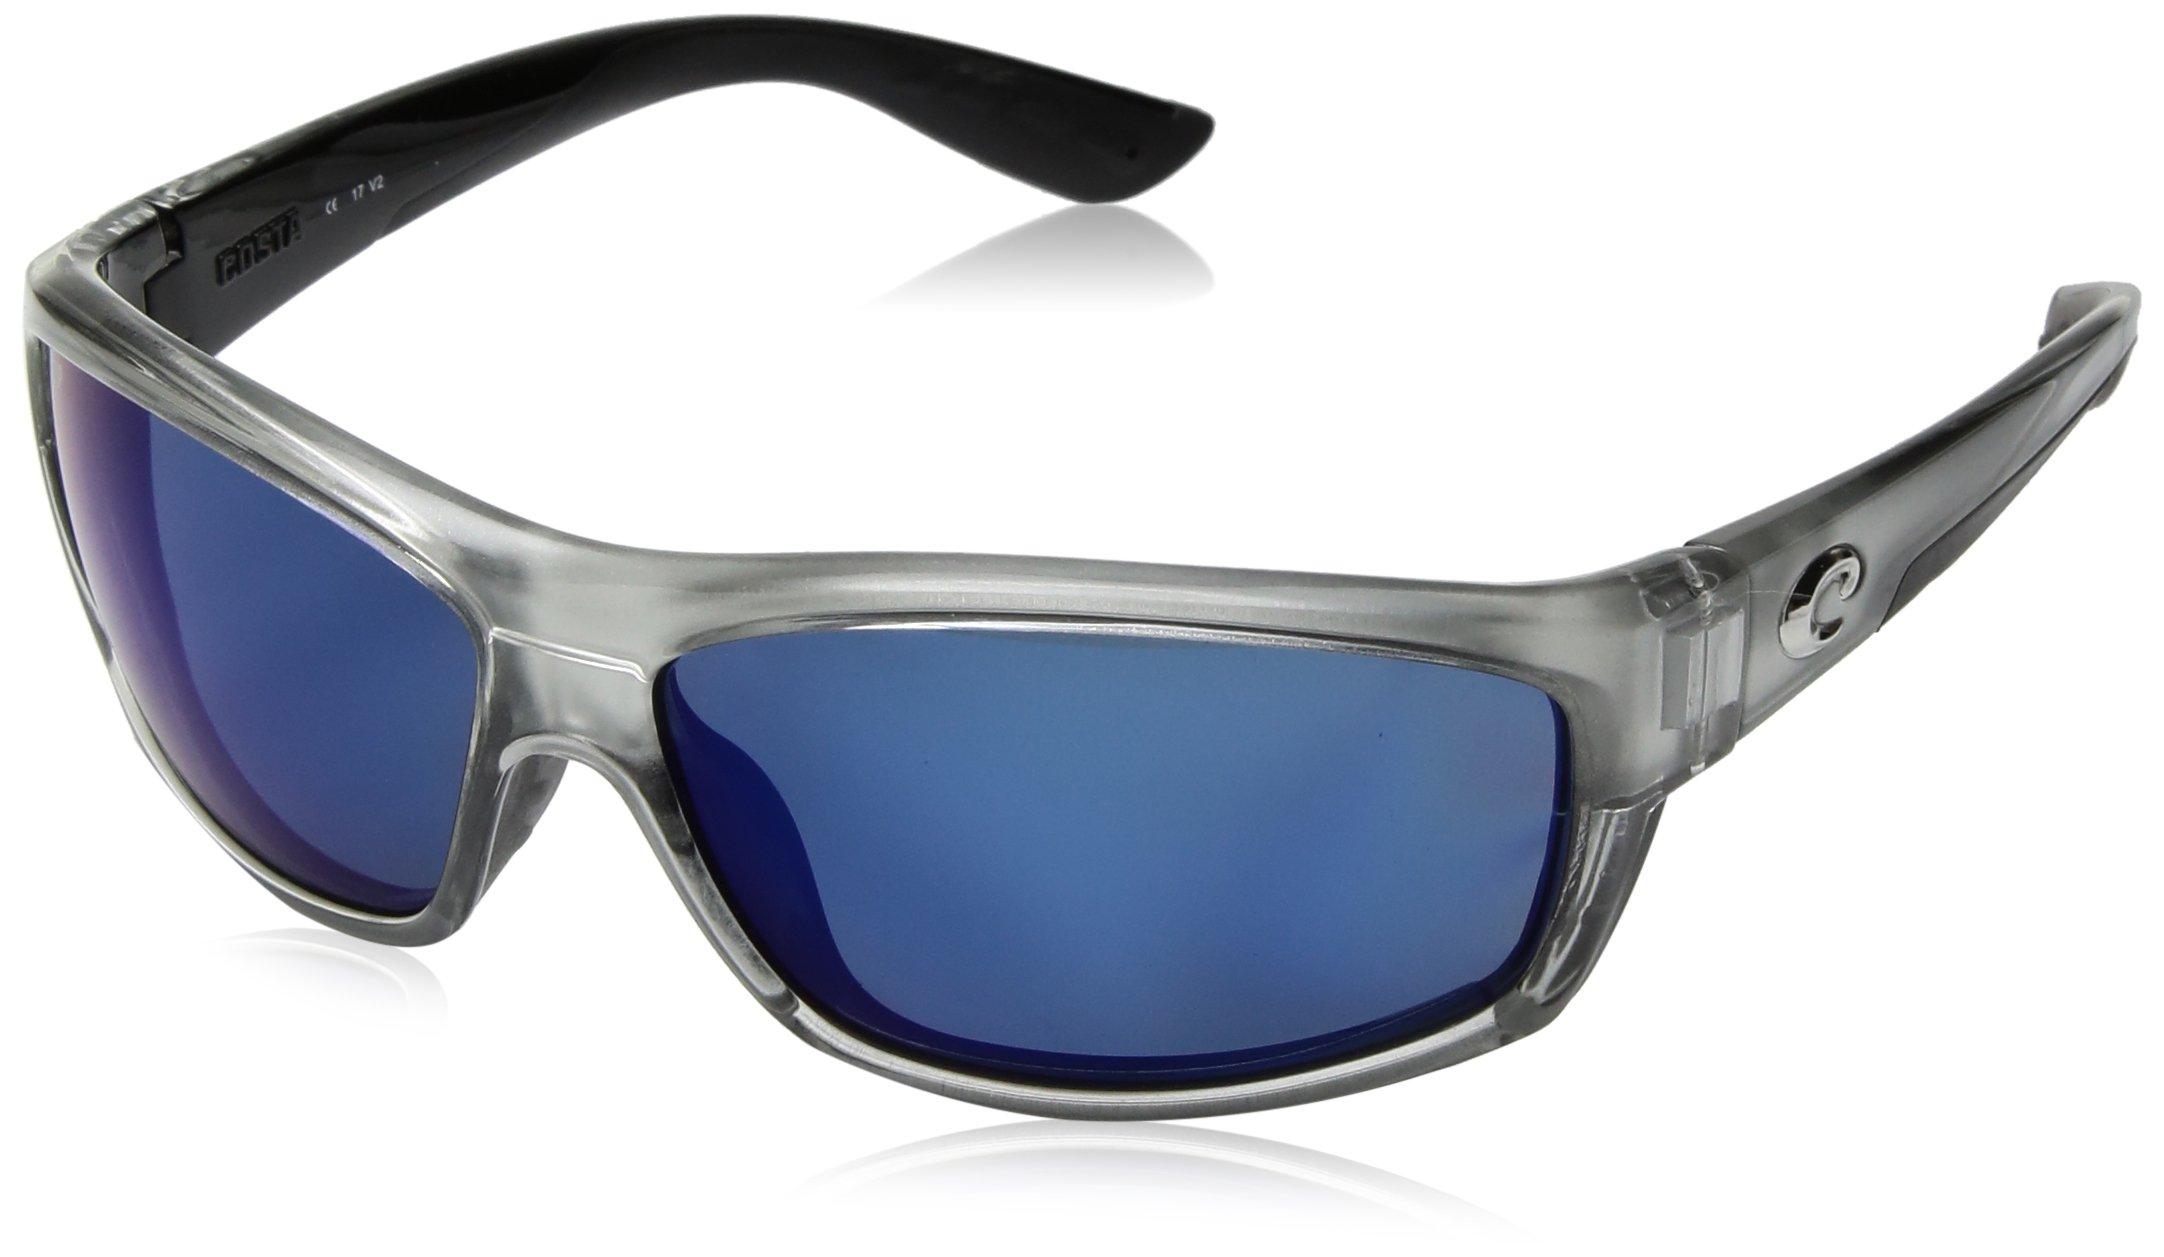 Costa Del Mar Saltbreak Sunglasses Silver/Blue Mirror 580Plastic by Costa Del Mar